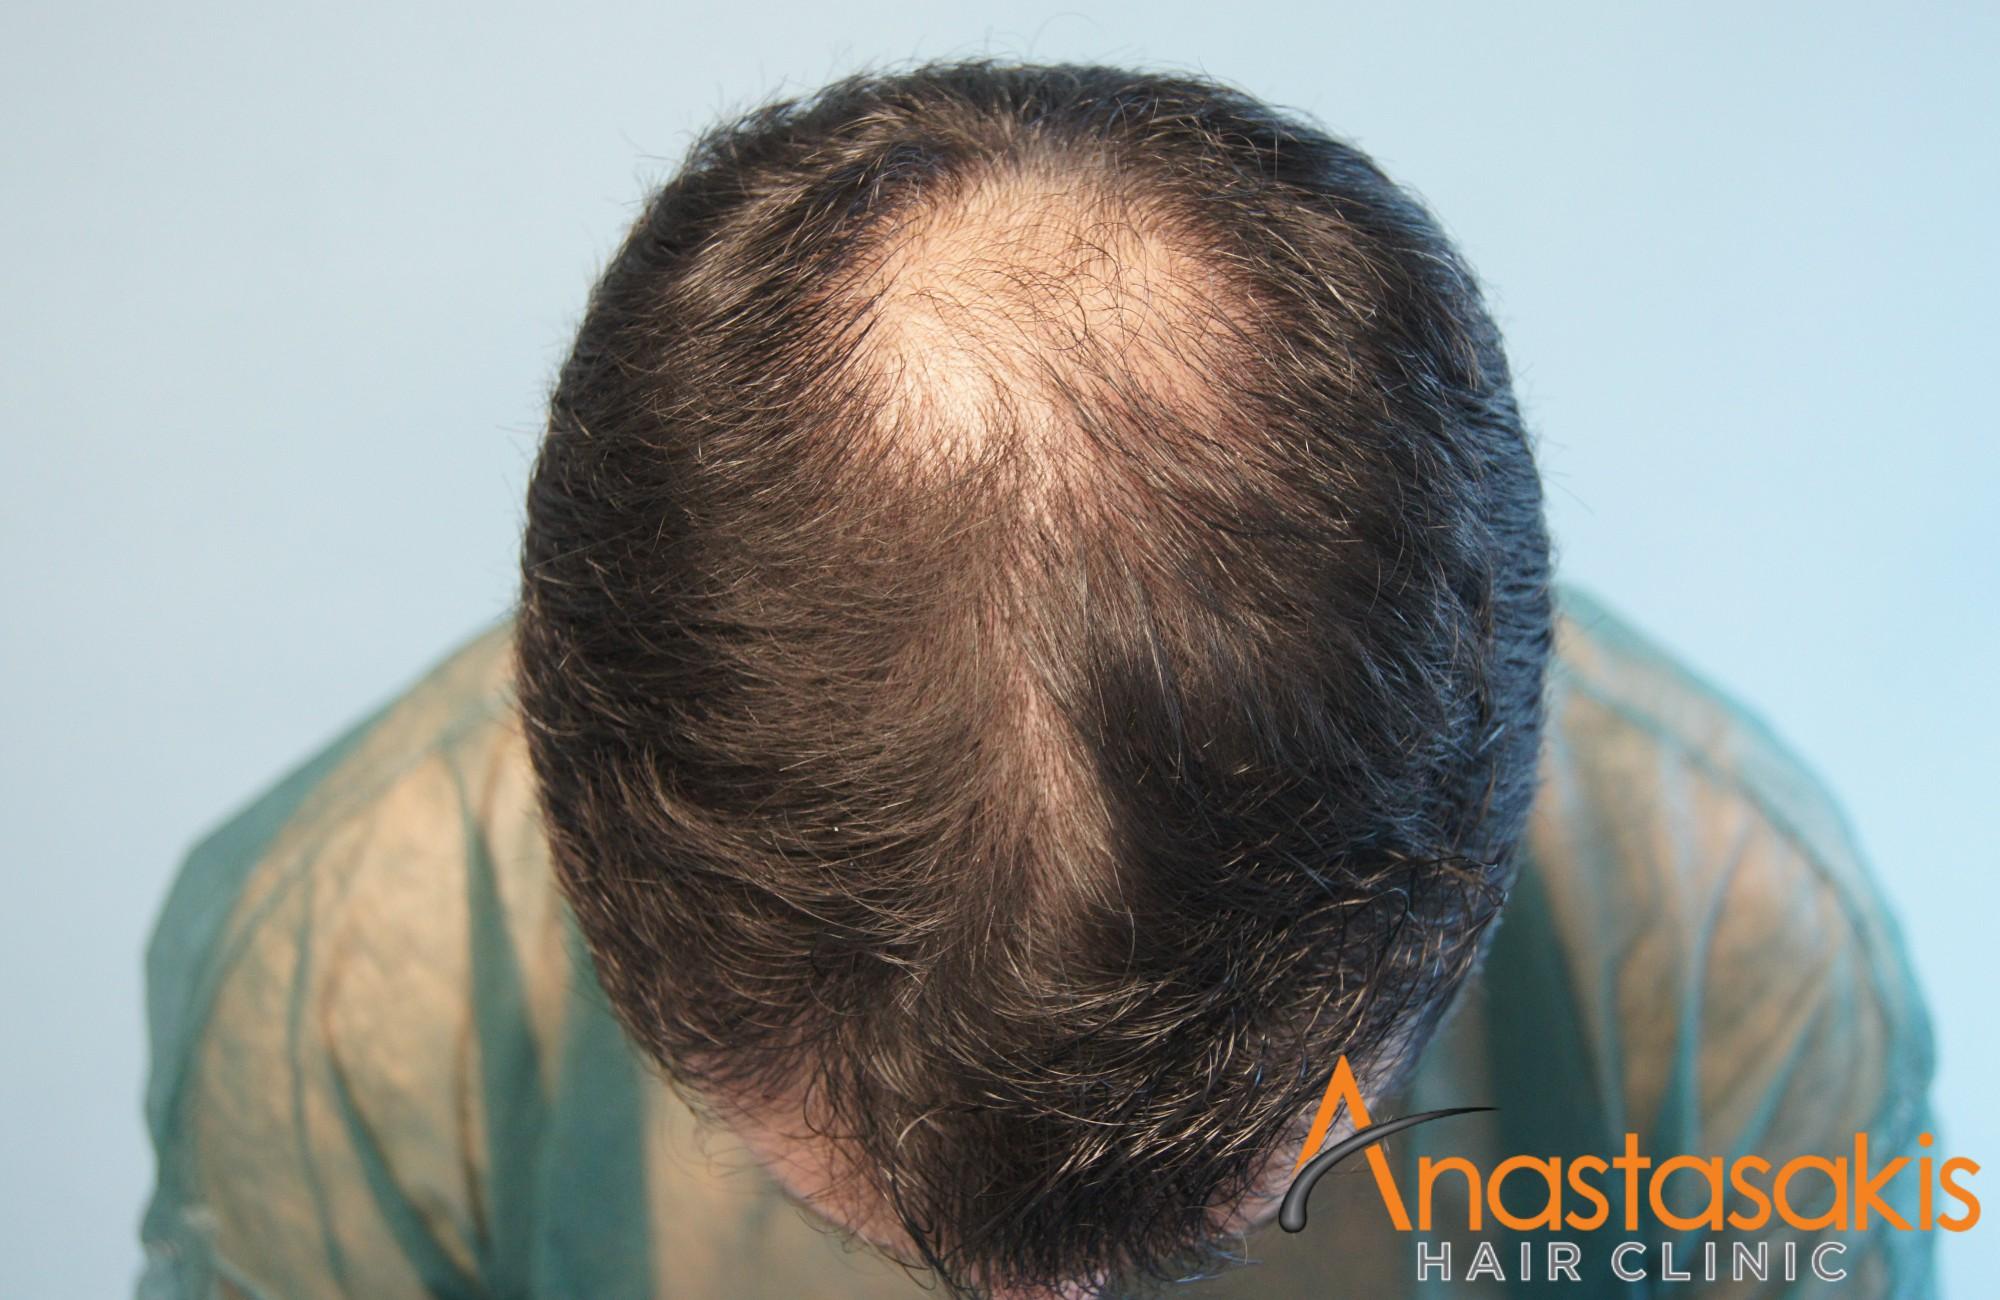 άνδρας πριν τη μεταμόσχευση μαλλιών fue με 1700fus μπροστά προφίλ